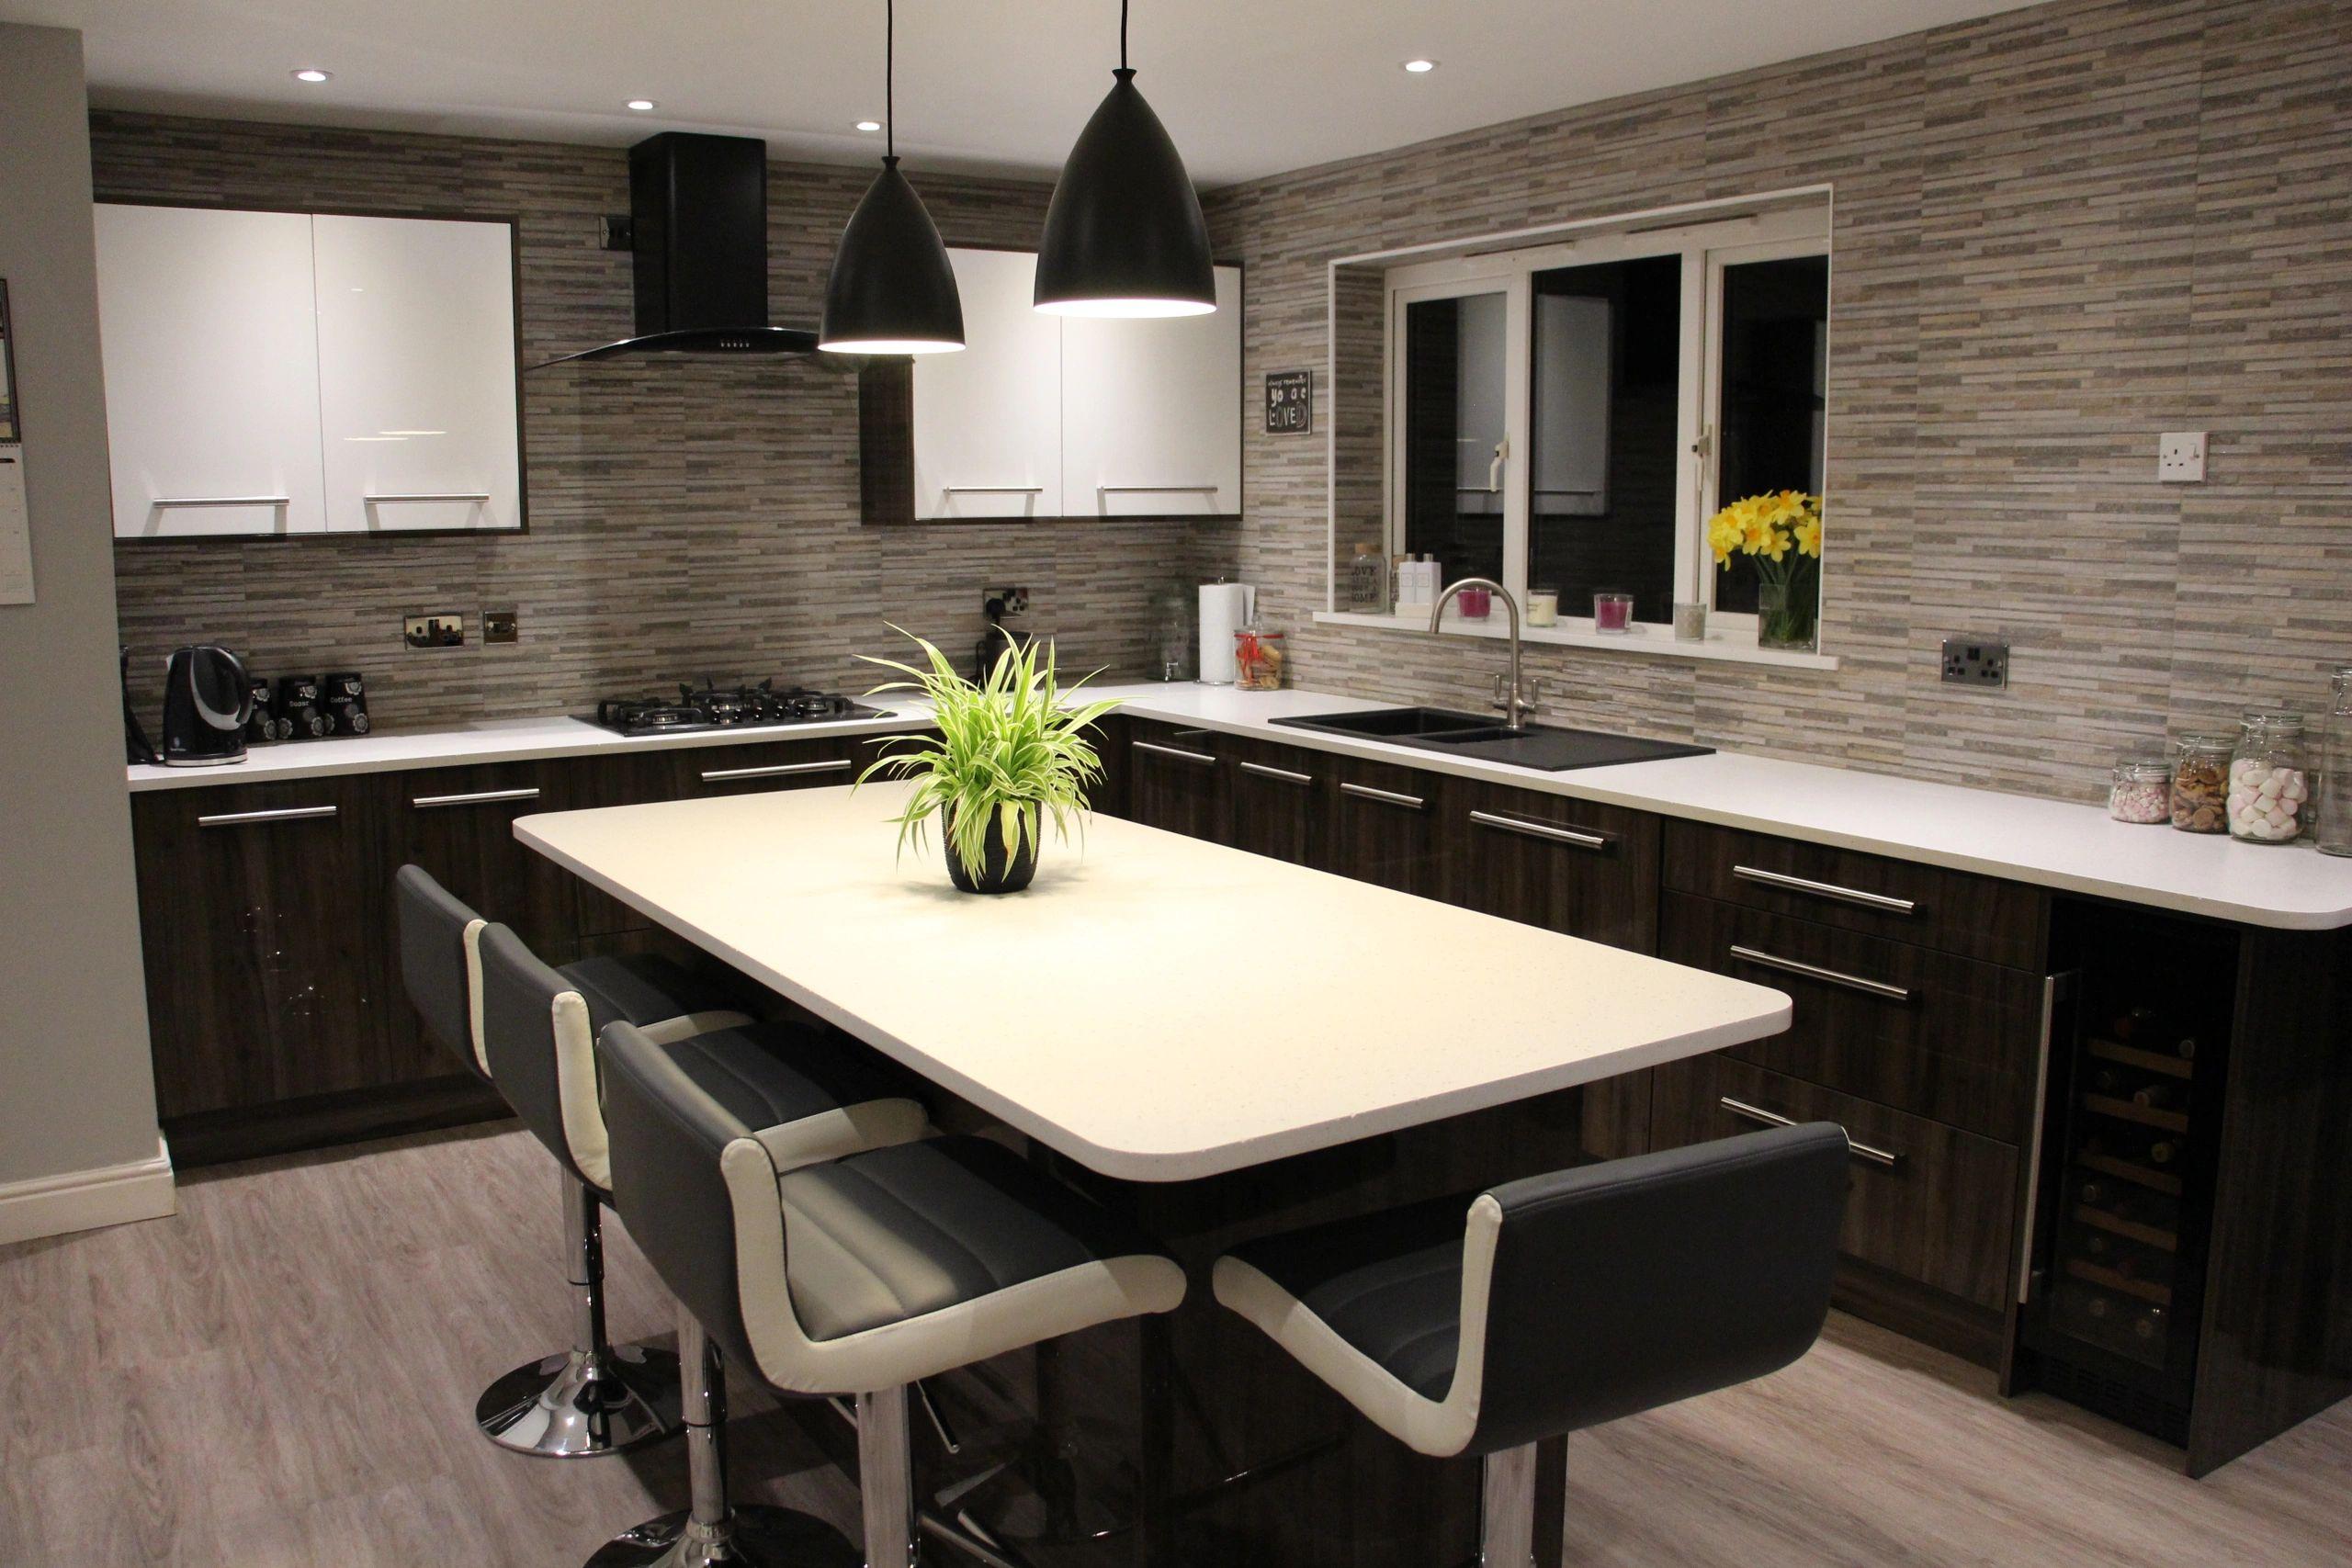 Kitchen phoenix kitchens ltd for C kitchens ltd swanage